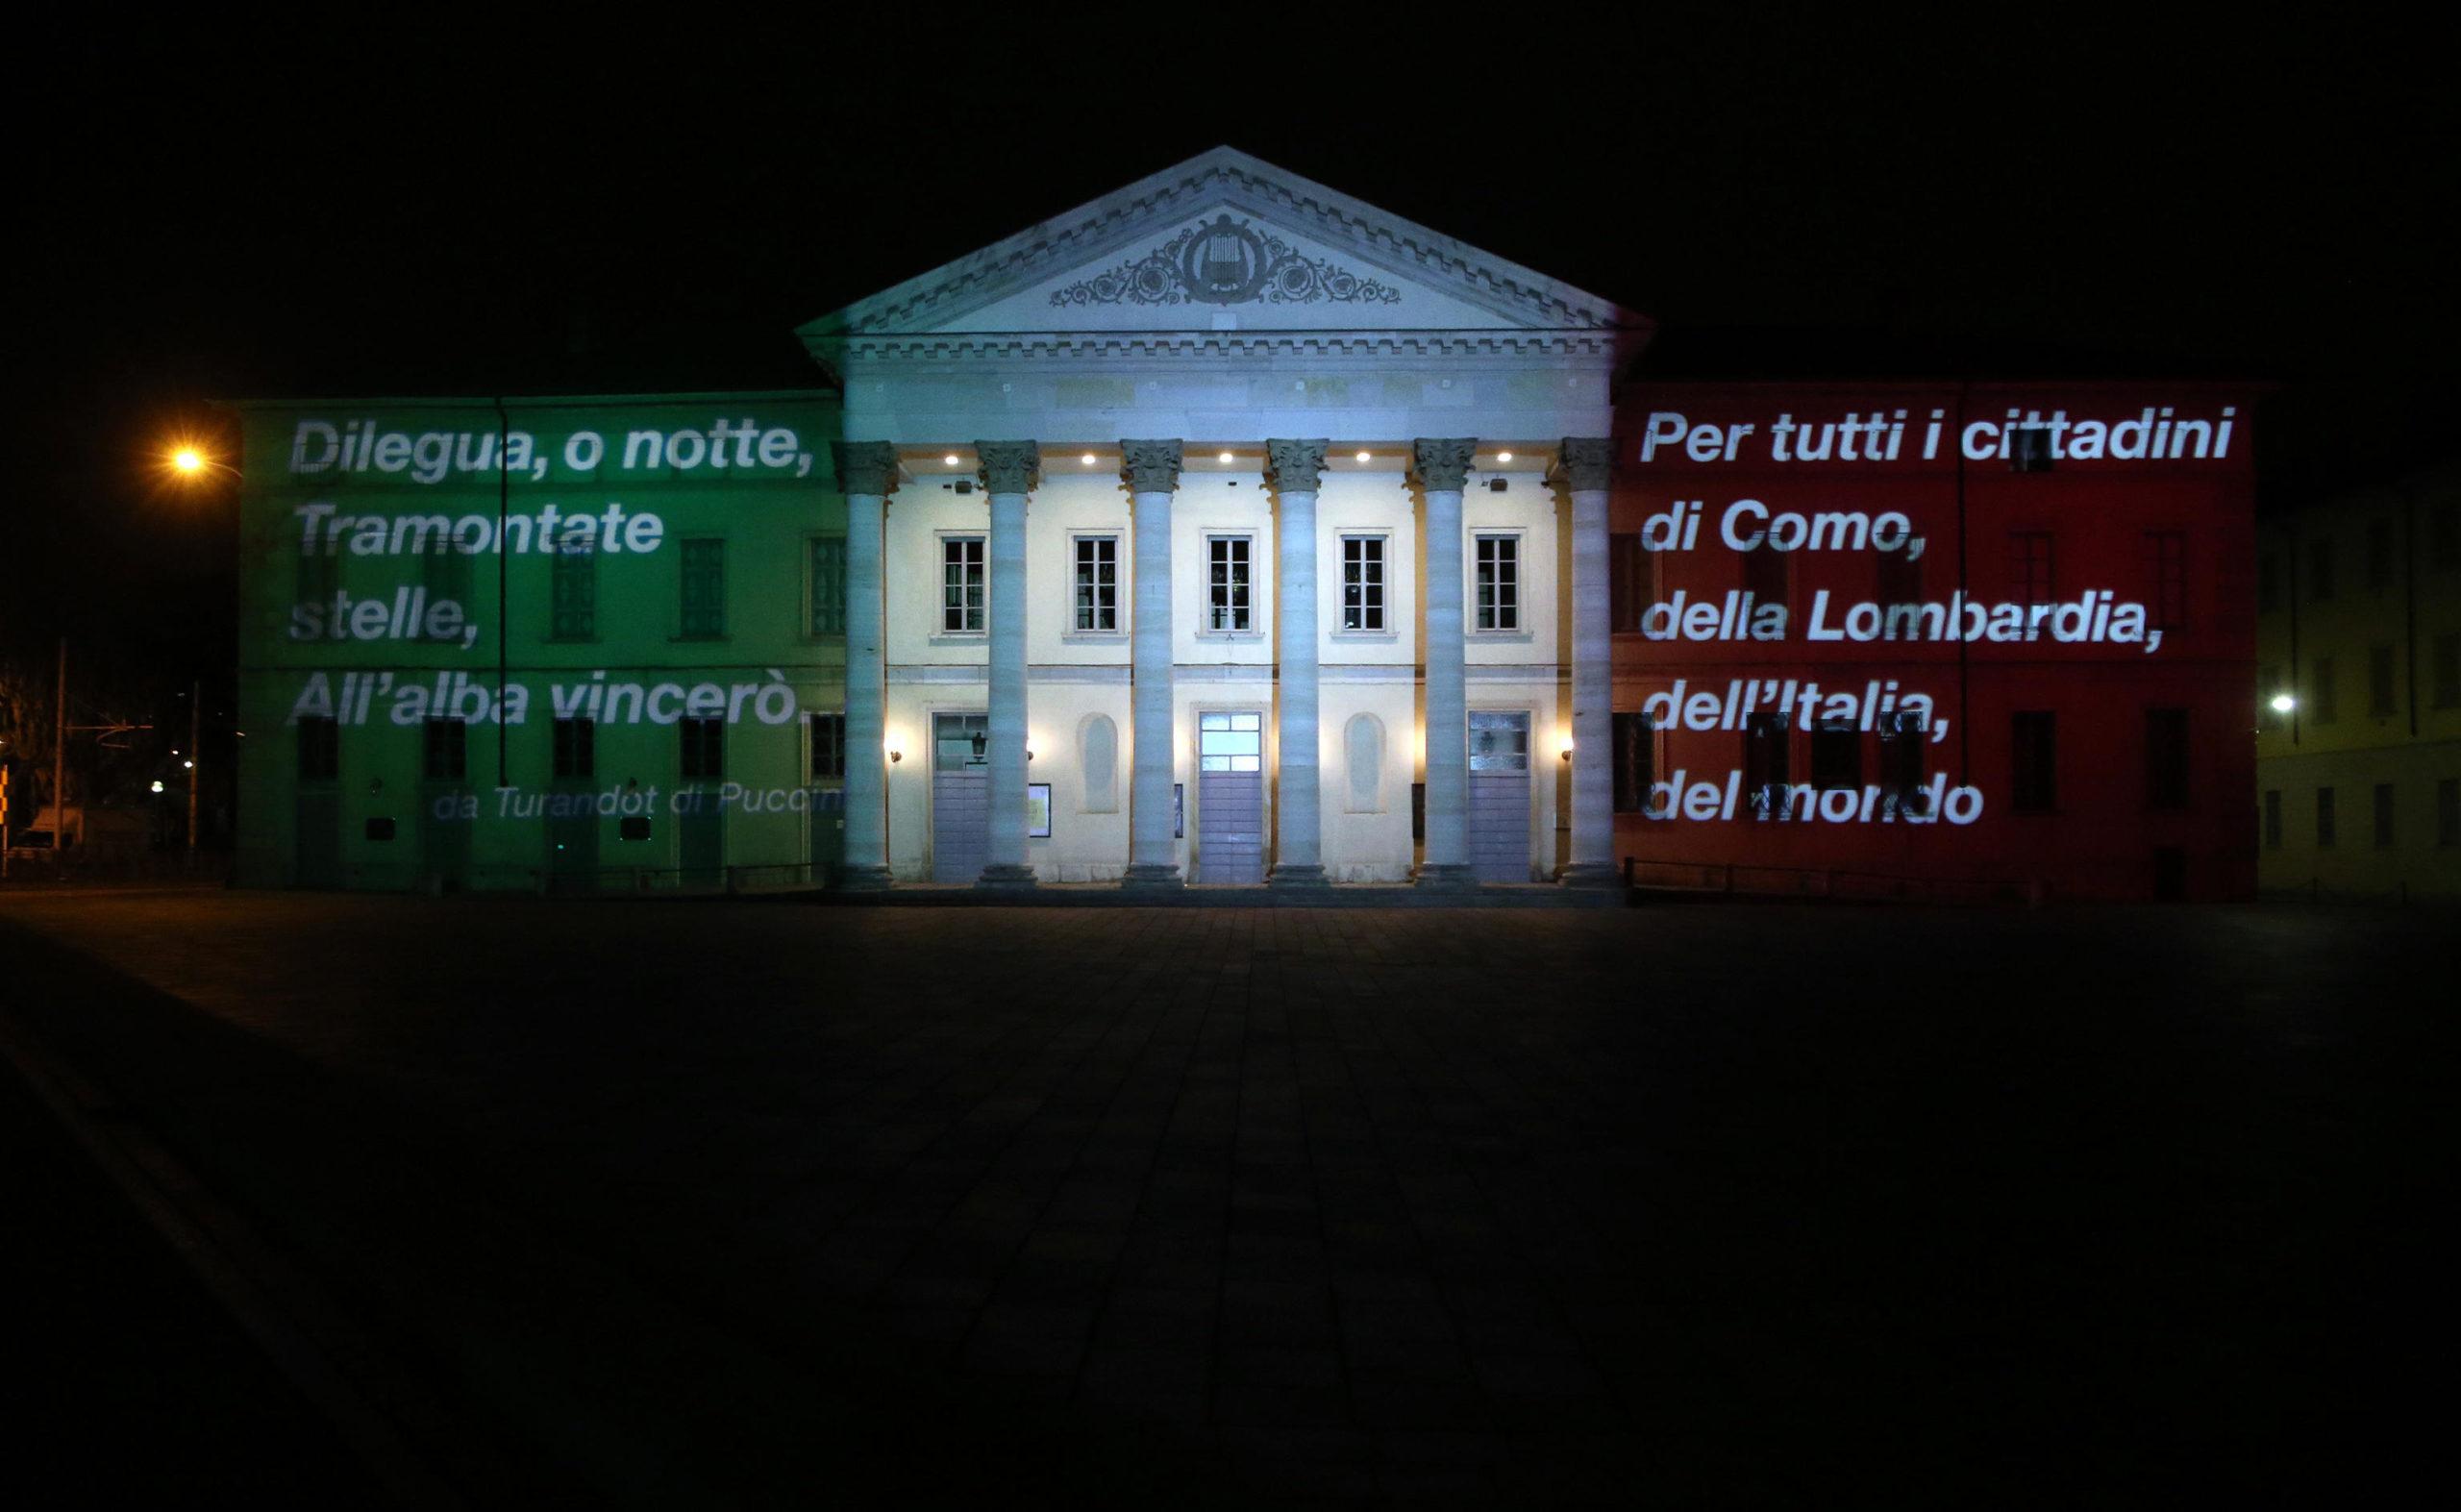 Il Teatro Sociale di Como illuminato dal Tricolore e dai versi del Turandot di Puccini